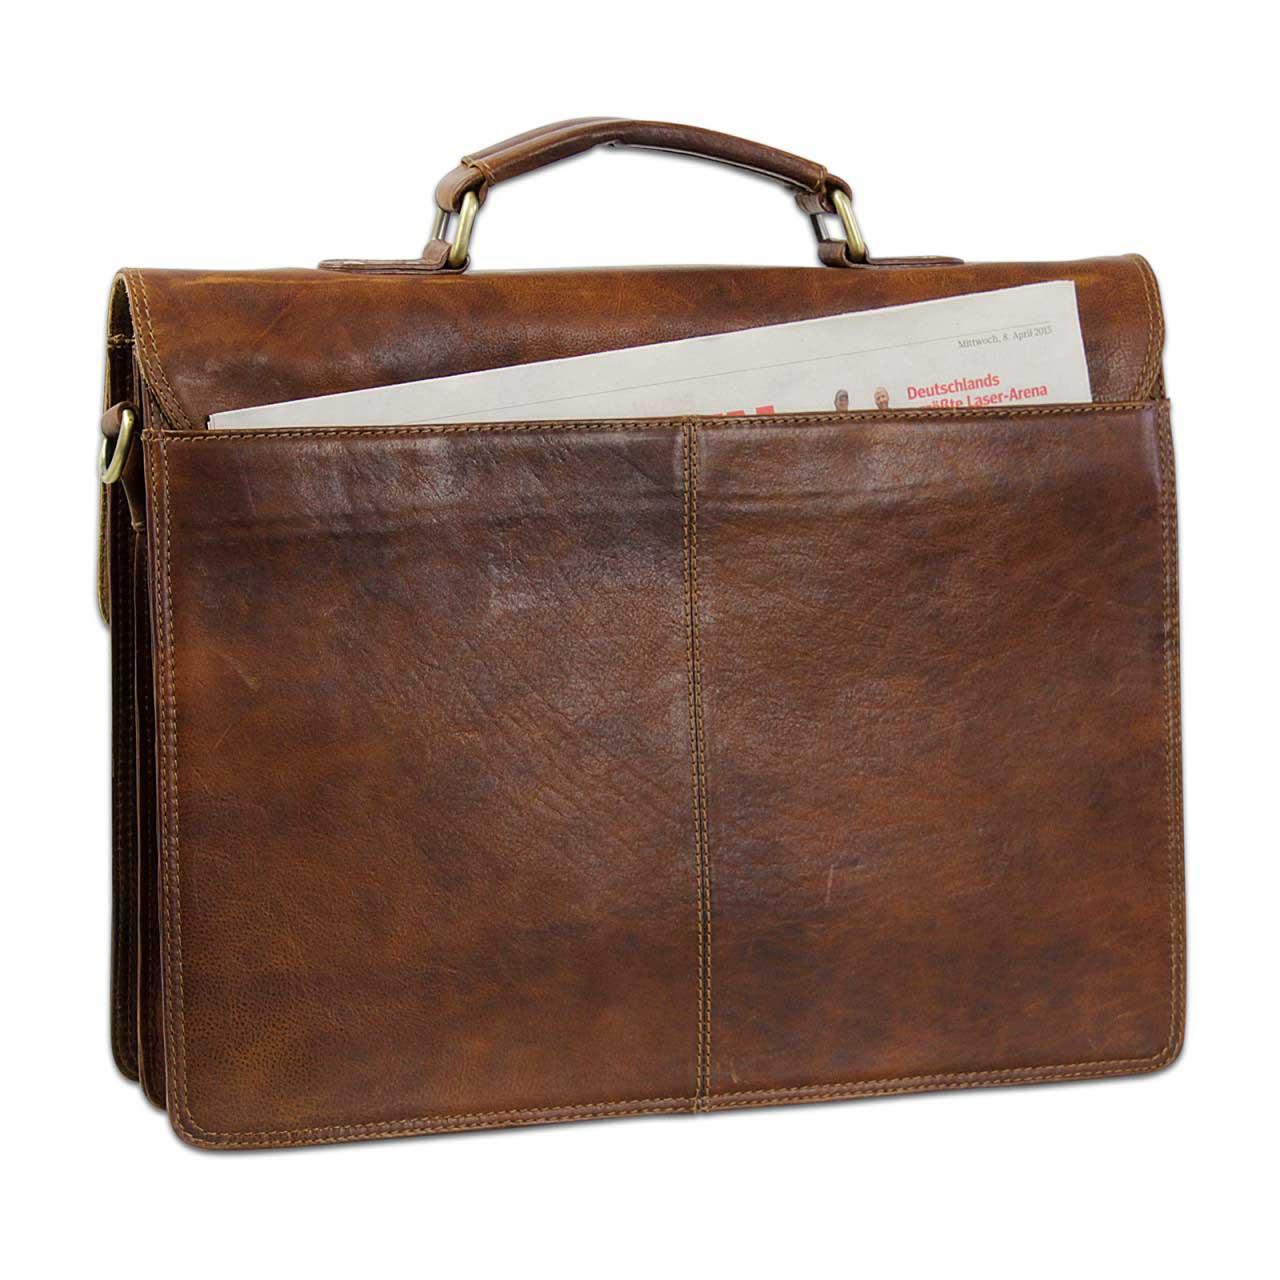 B-WARE Vintage Aktentasche Herren Büro Business Schultertasche Laptoptasche mit Schloss groß echtes Rinds-Leder braun - Bild 9